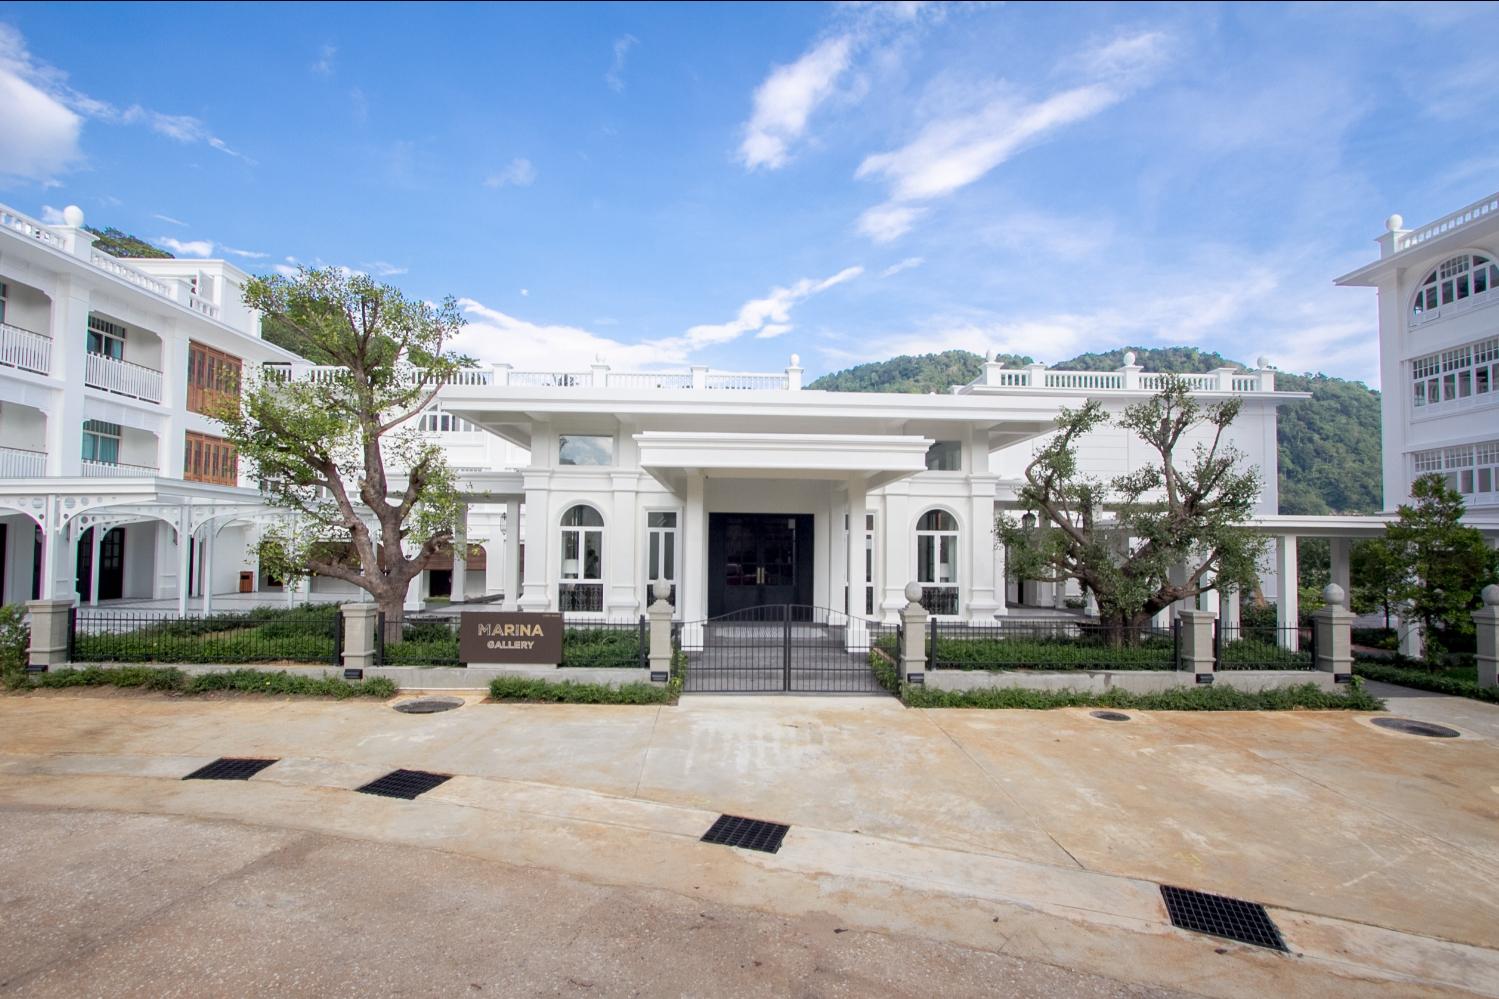 Marina Gallery Resort Kacha Kalim - Image 0